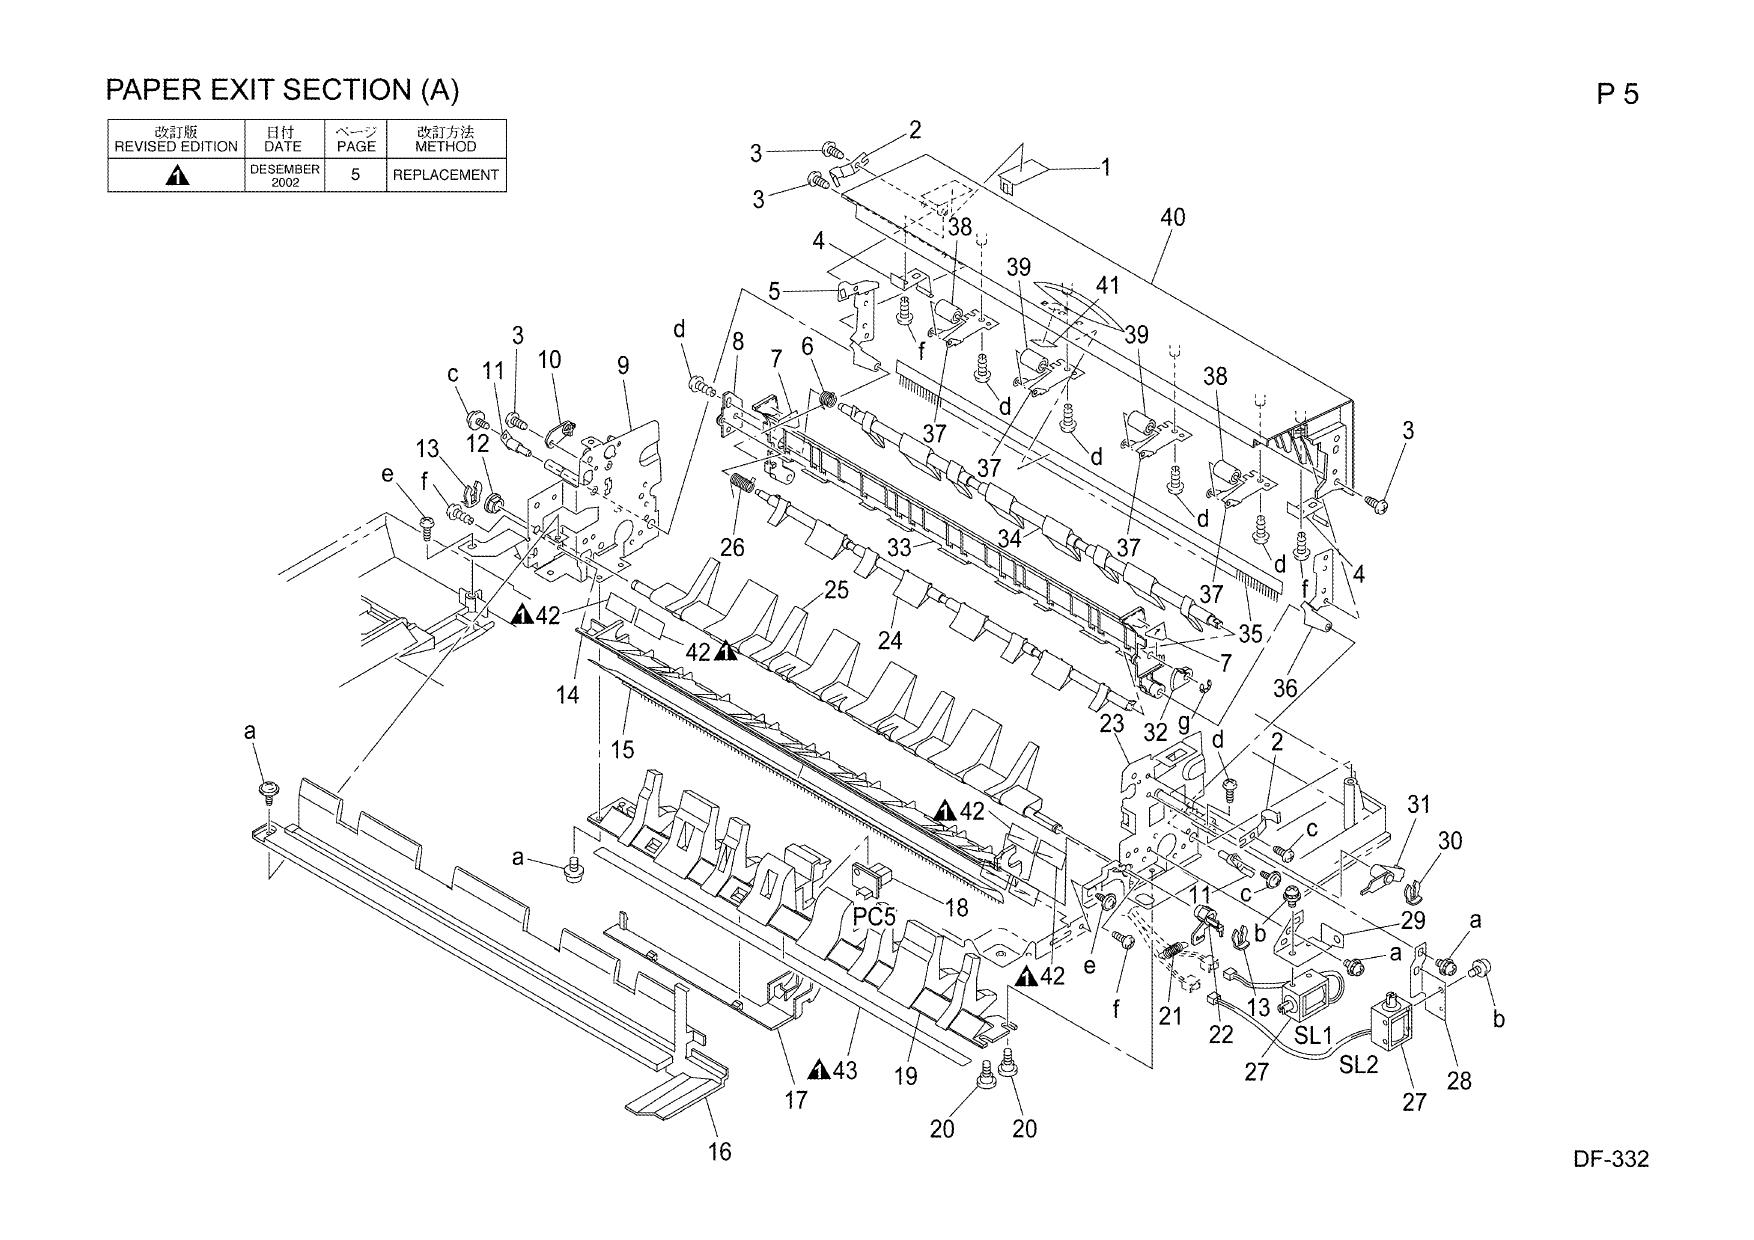 Konica-Minolta Options DF-332 Parts Manual